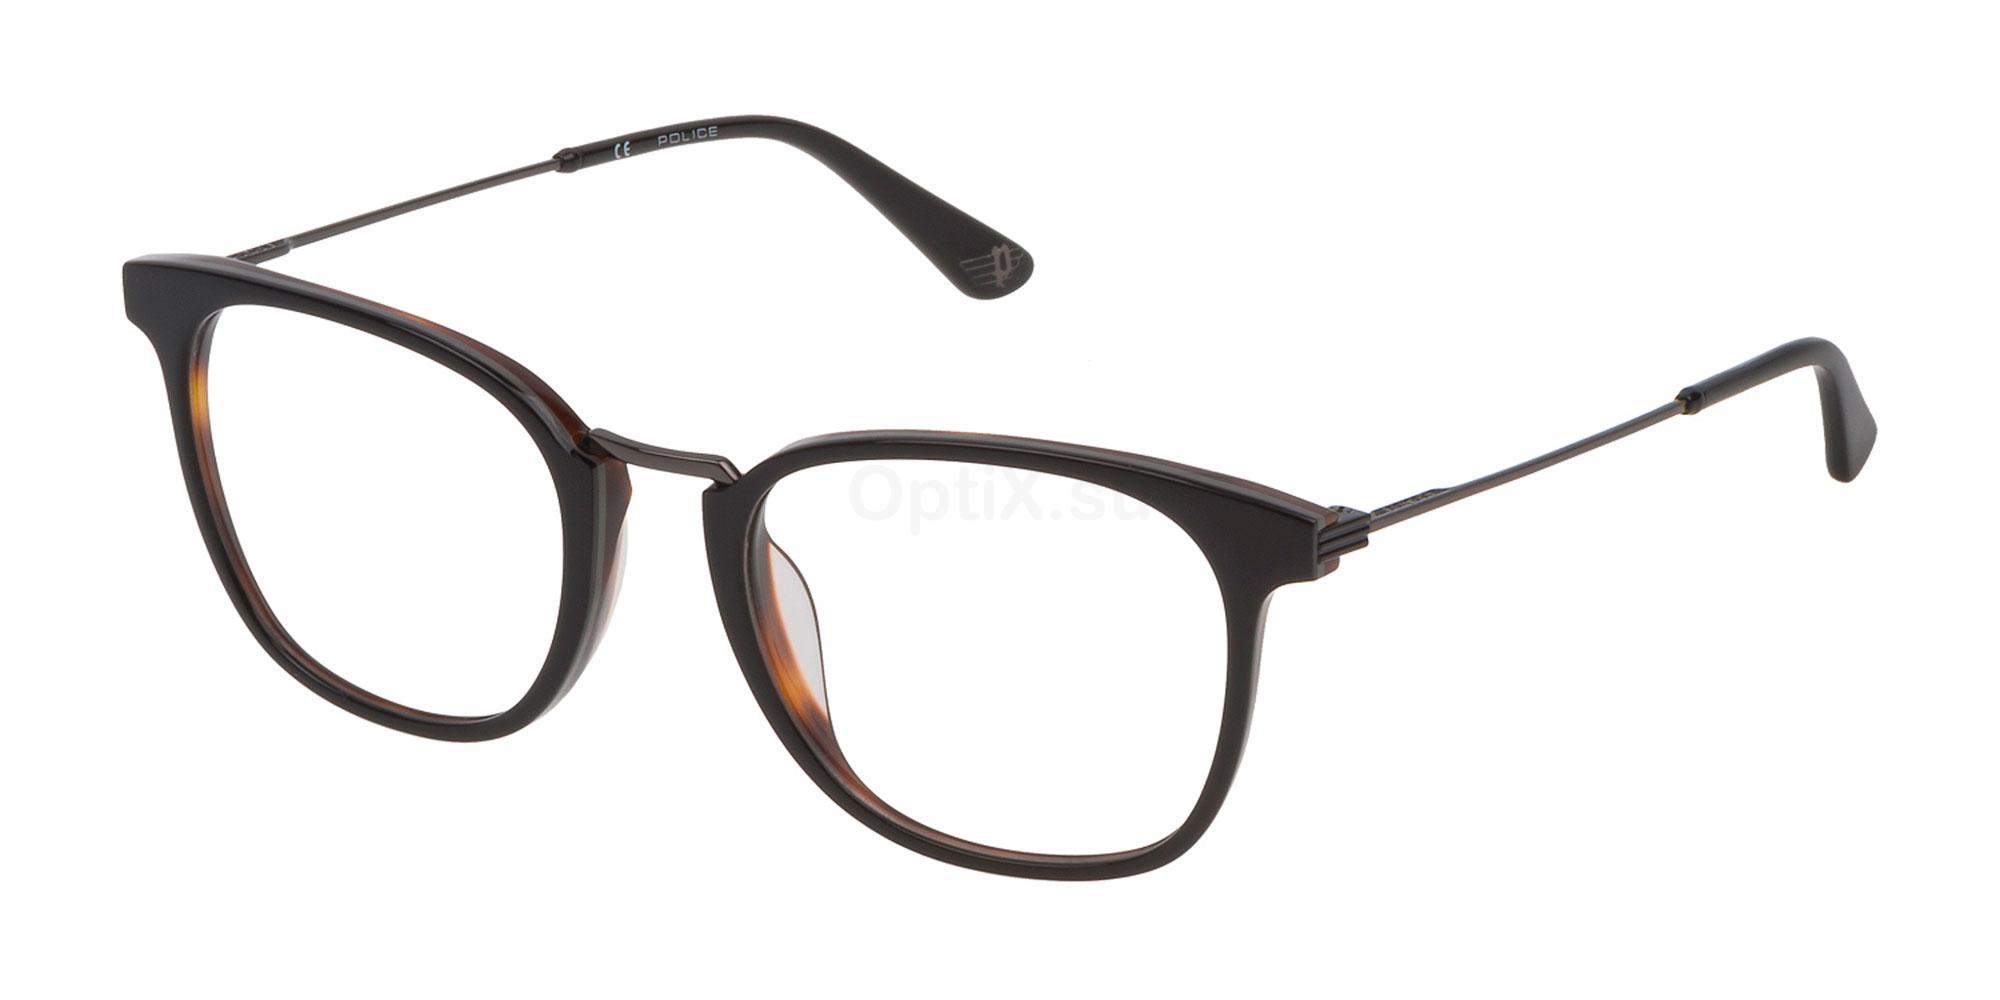 0NK7 VPL686 Glasses, Police